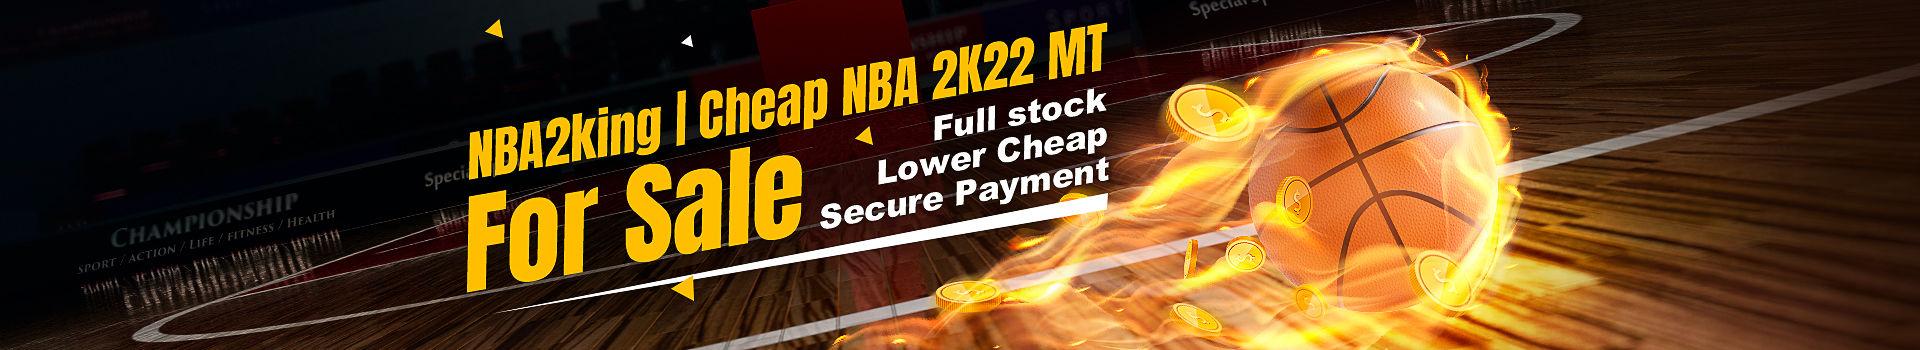 NBA2king | Cheap NBA 2K22 MT For Sale